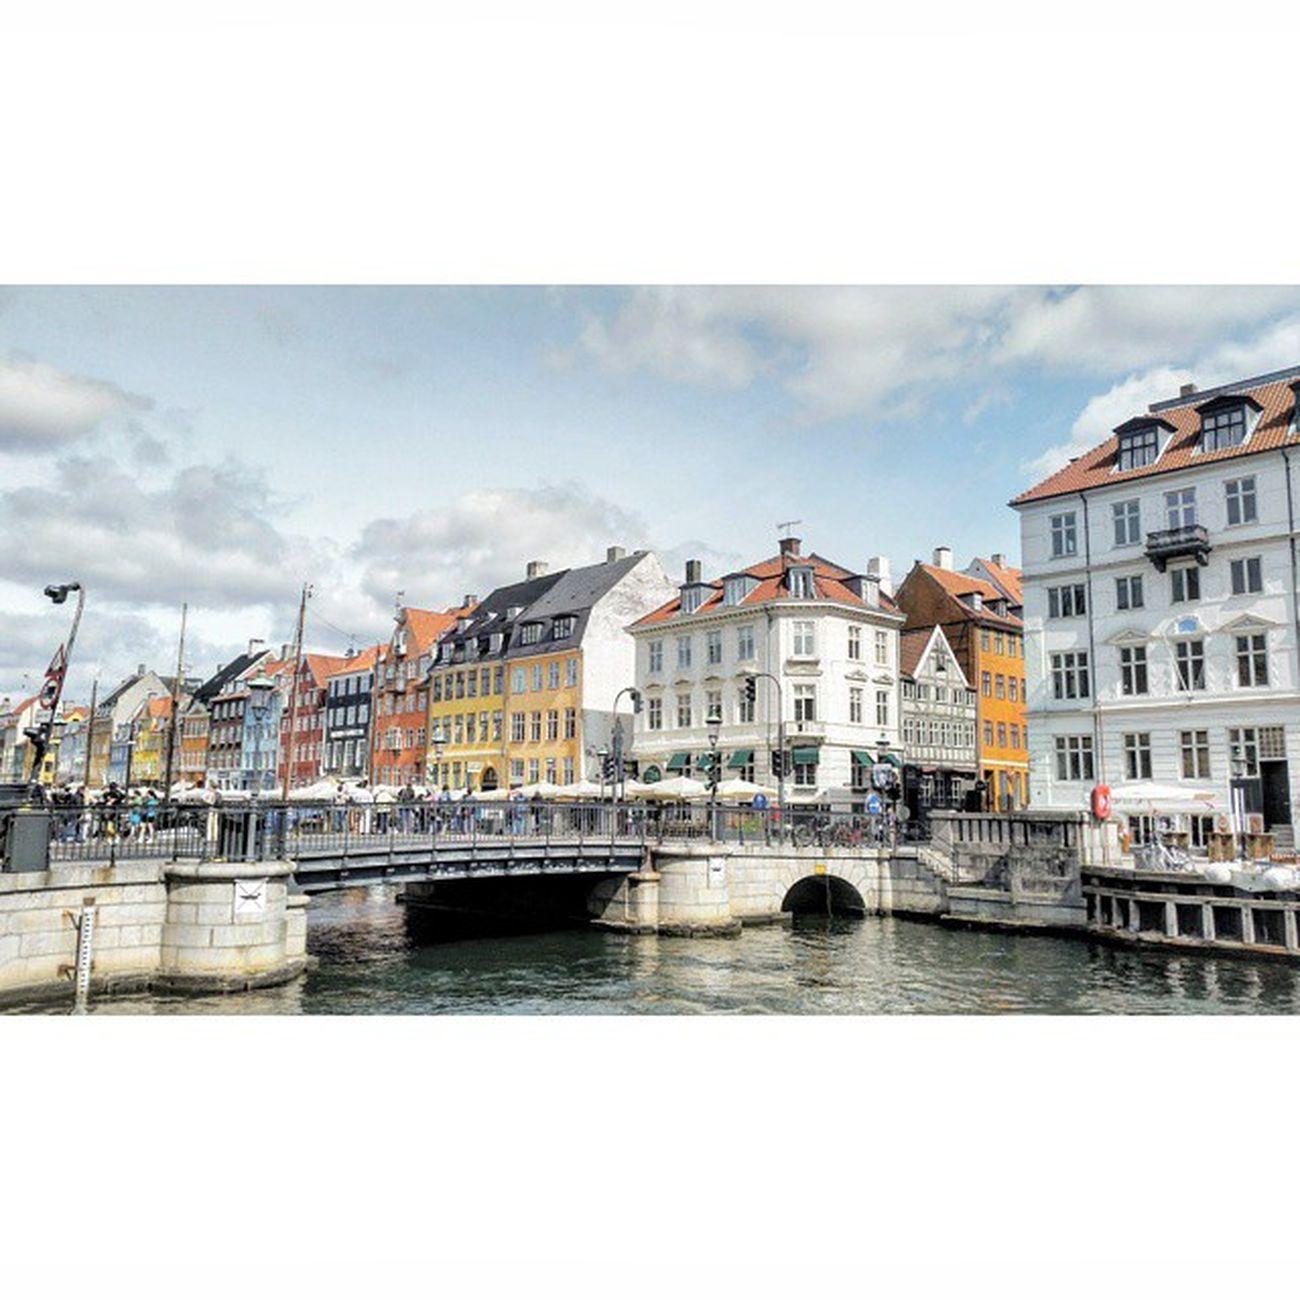 Nyhavnport Copenhagen Nyhavn Cb_travellogs Travelgram Travel Traveling Travelingram @visitcopenhagen